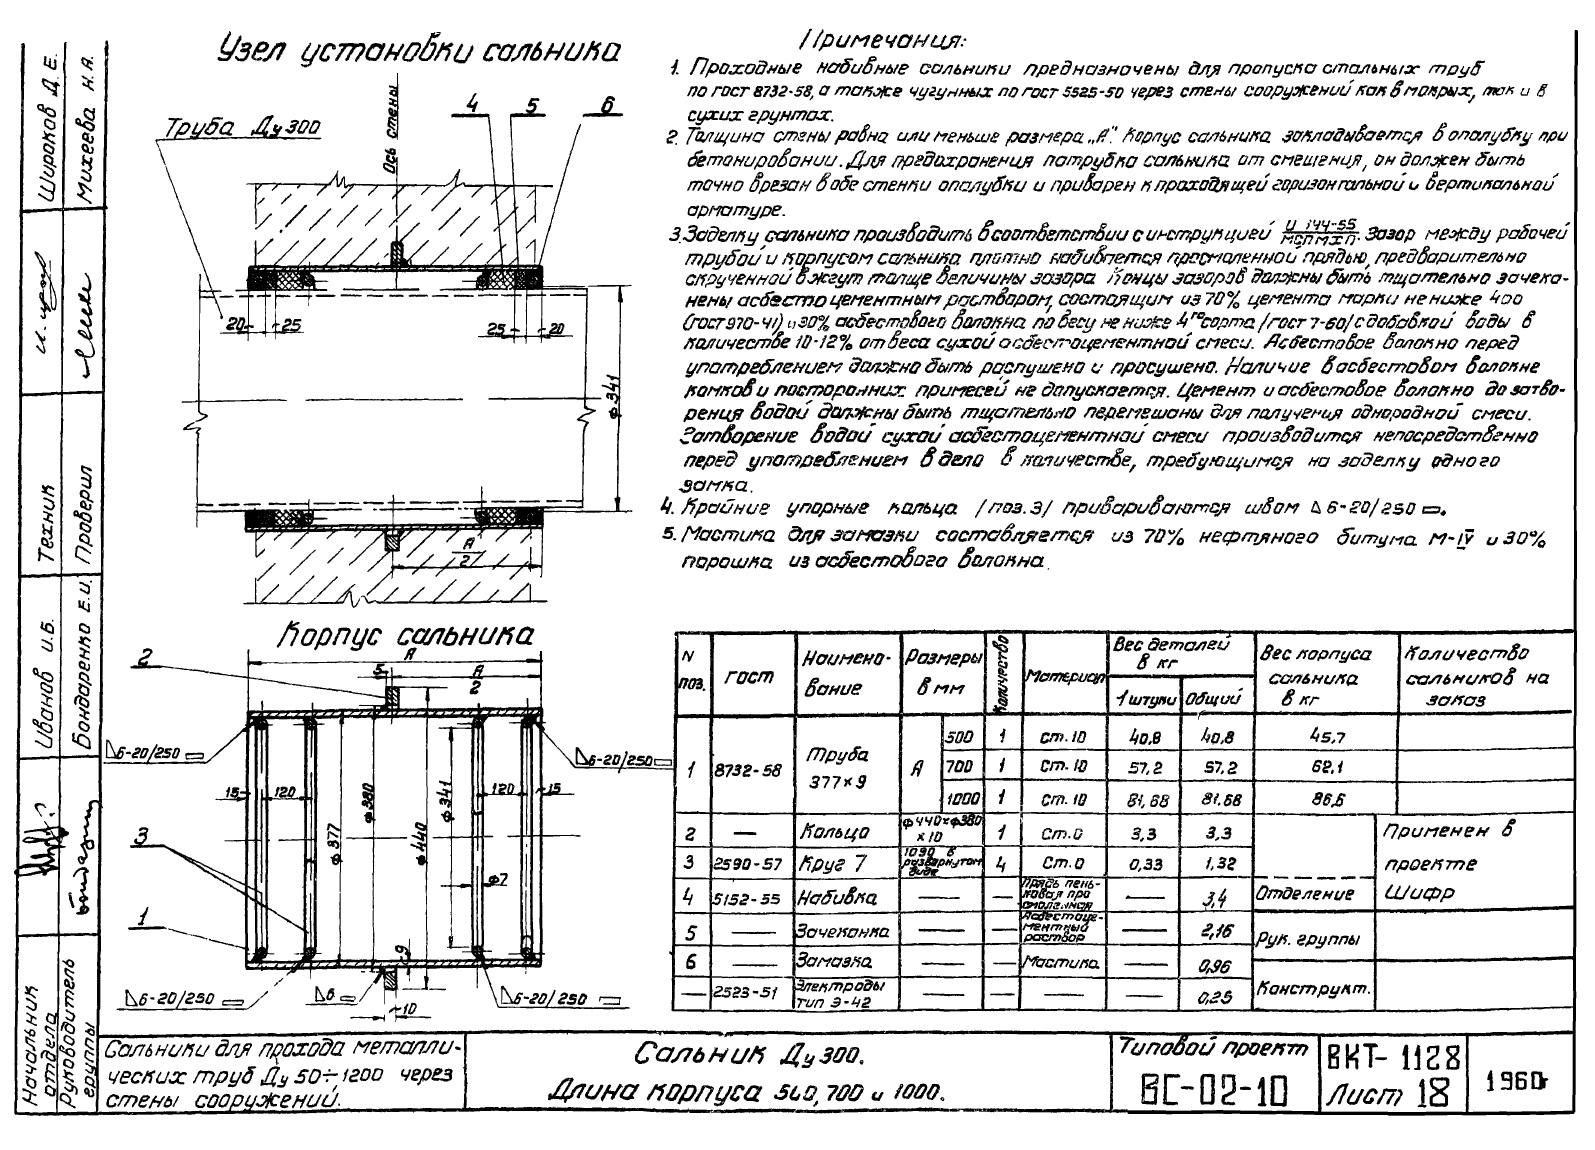 Сальники набивные L = 700 мм типовой проект ВС-02-10 стр.8